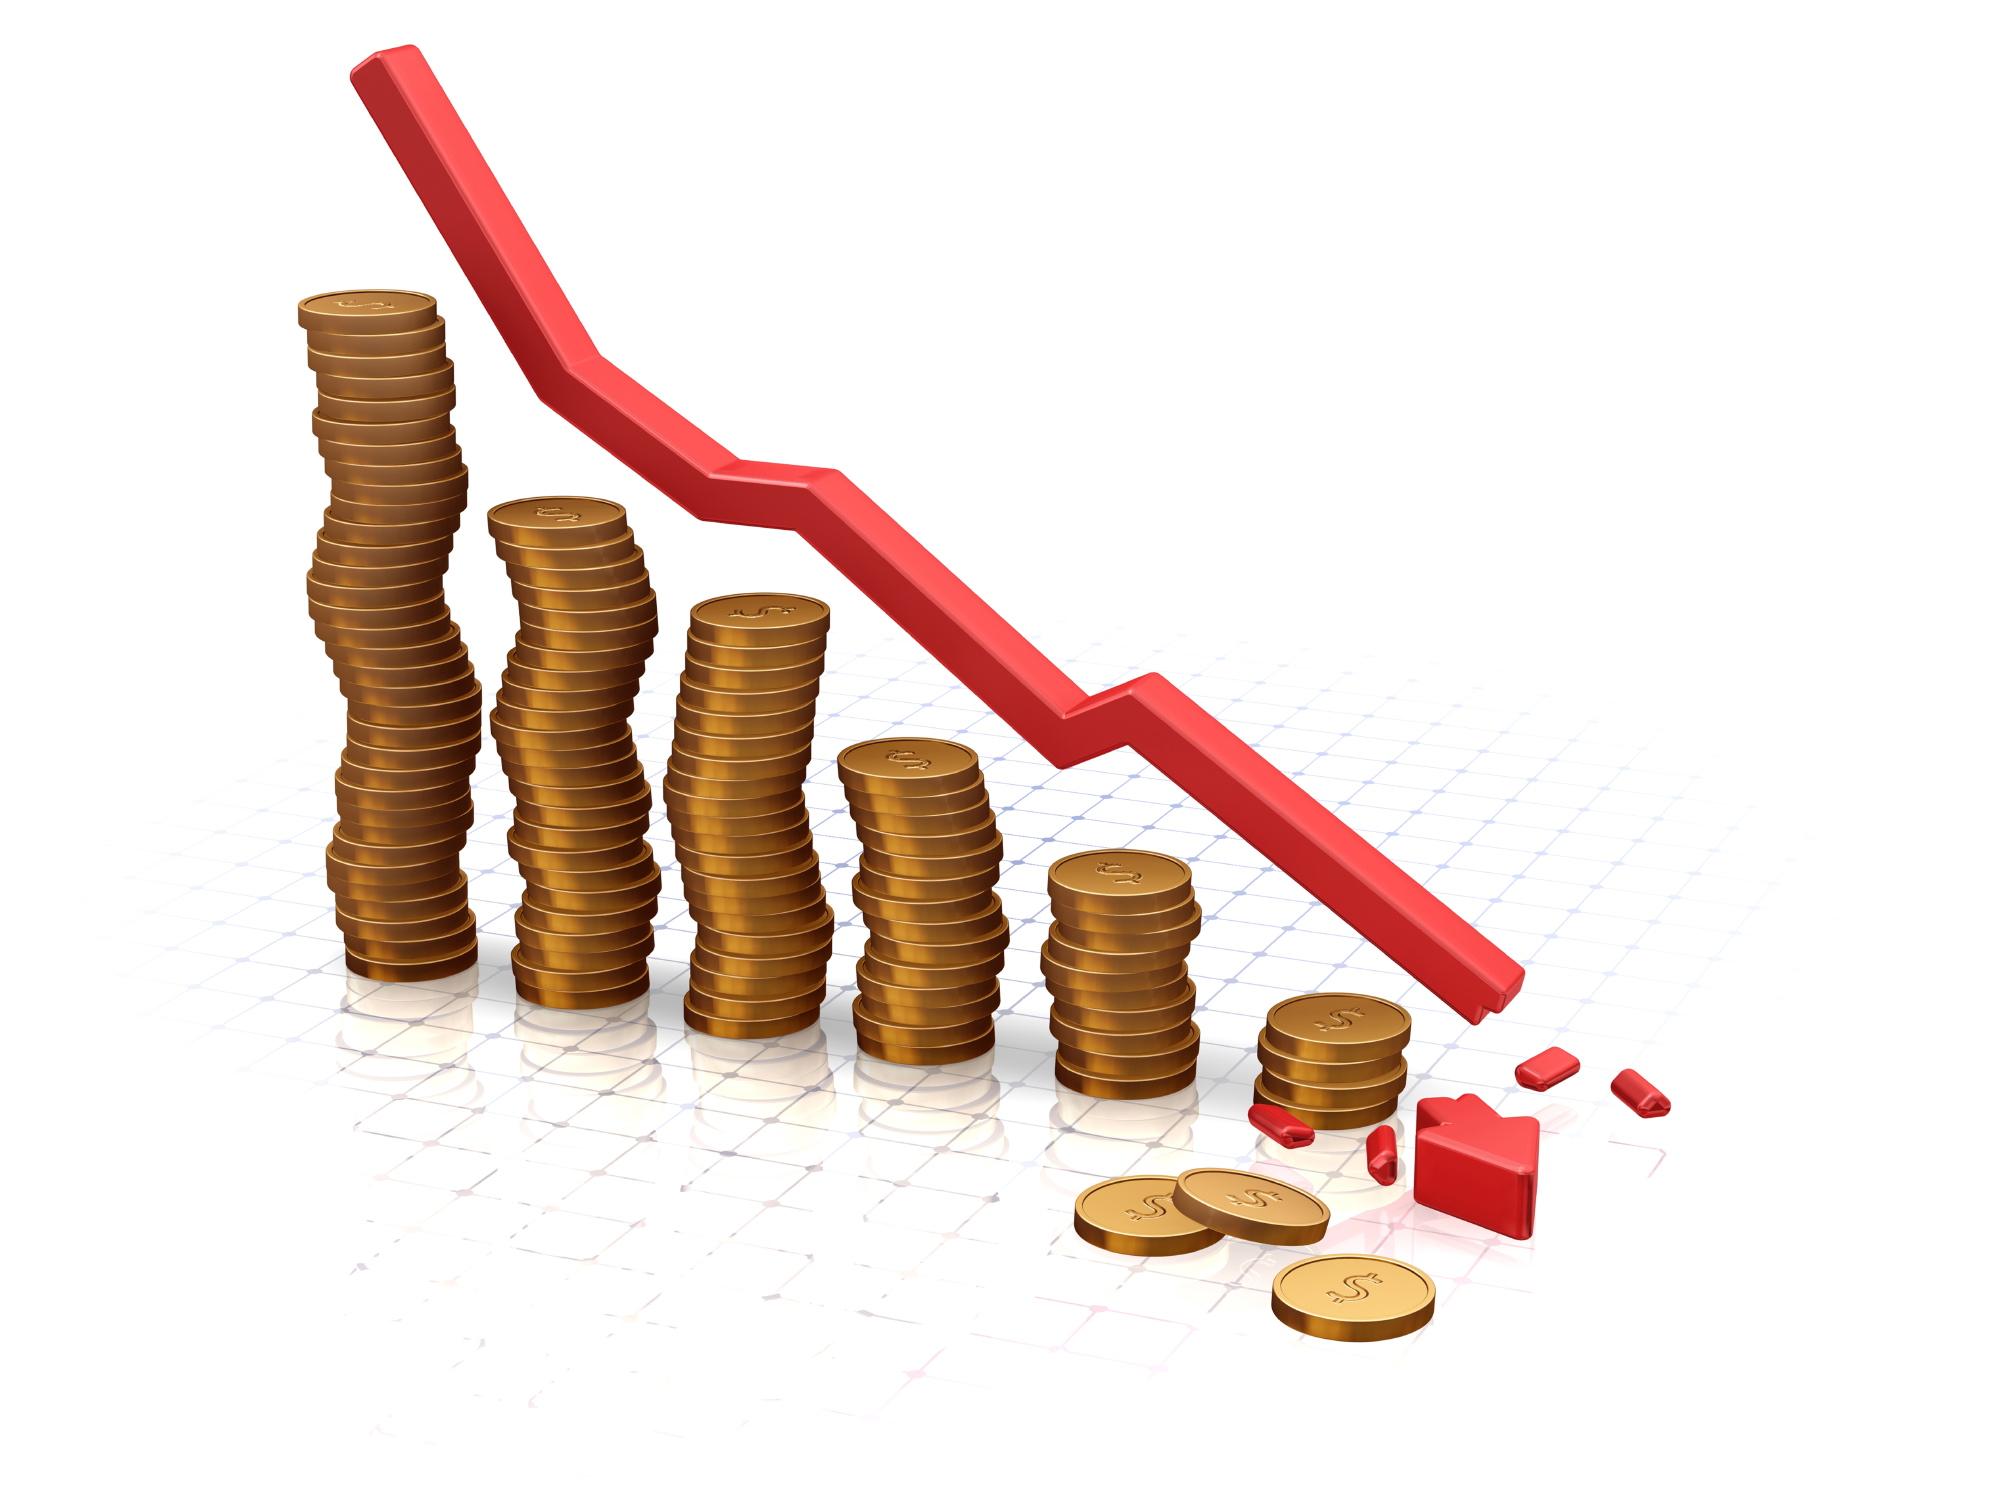 как понизить цену на лид